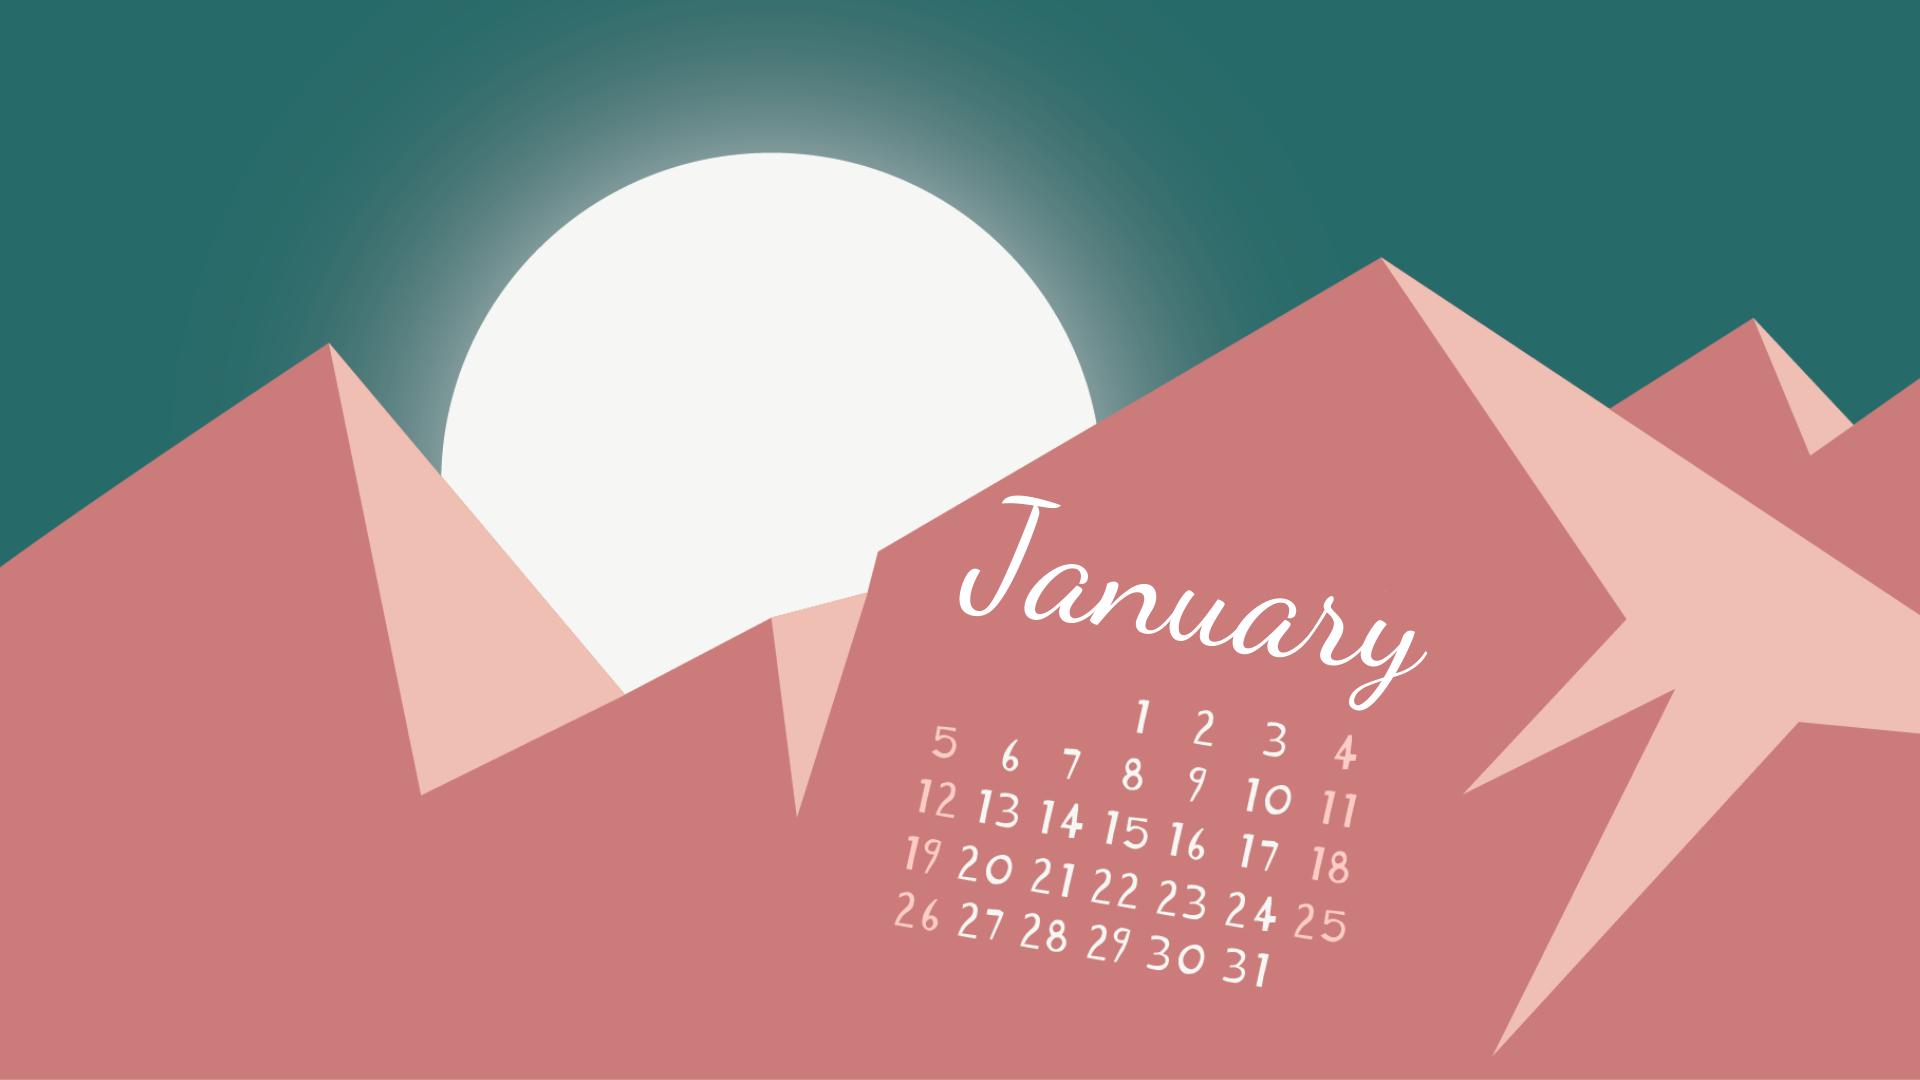 January 2020 Desktop Calendar Wallpapers Calendar 2020 1920x1080